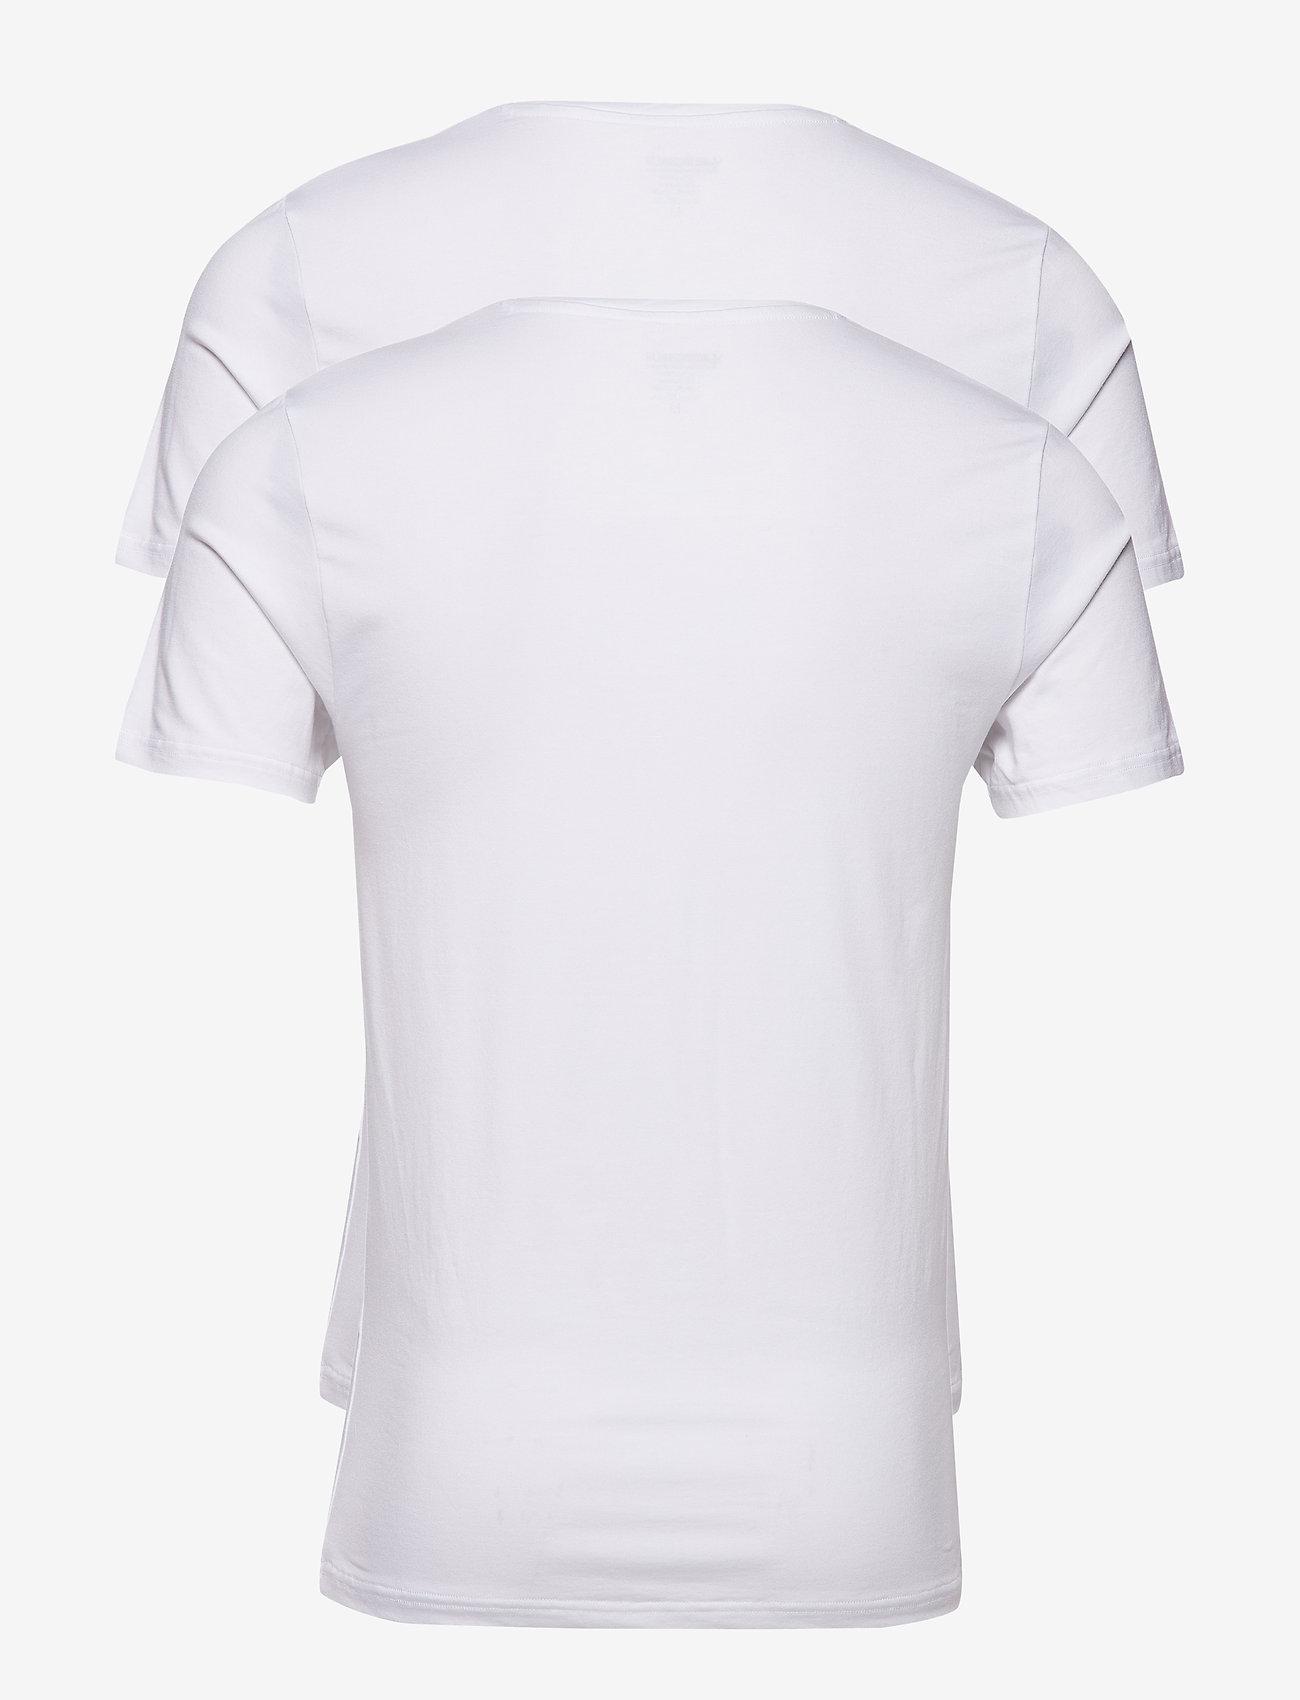 JBS JBS 2-pack V-neck bamboo - T-skjorter WHITE - Menn Klær